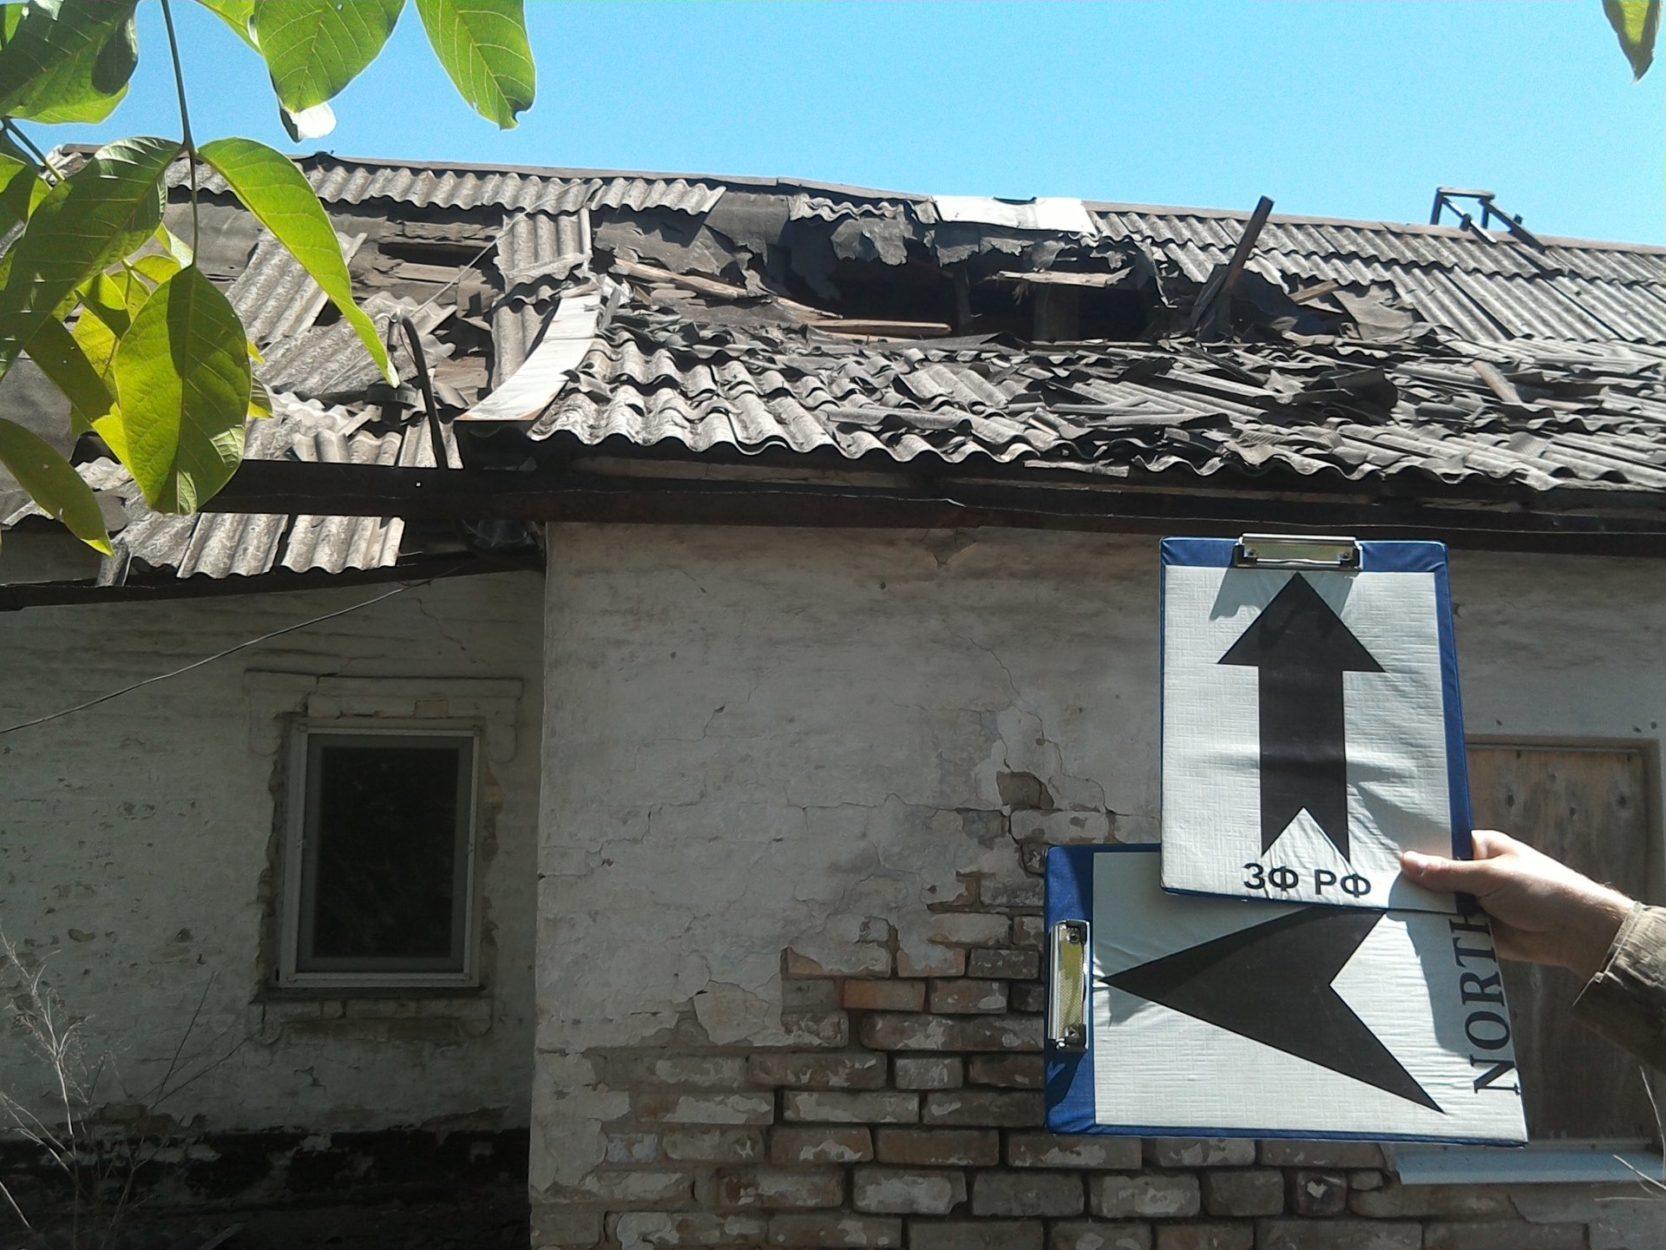 Російські окупанти систематично перешкоджають діяльності СММ ОБСЄ, посилаючись на розповсюдження COVID-19